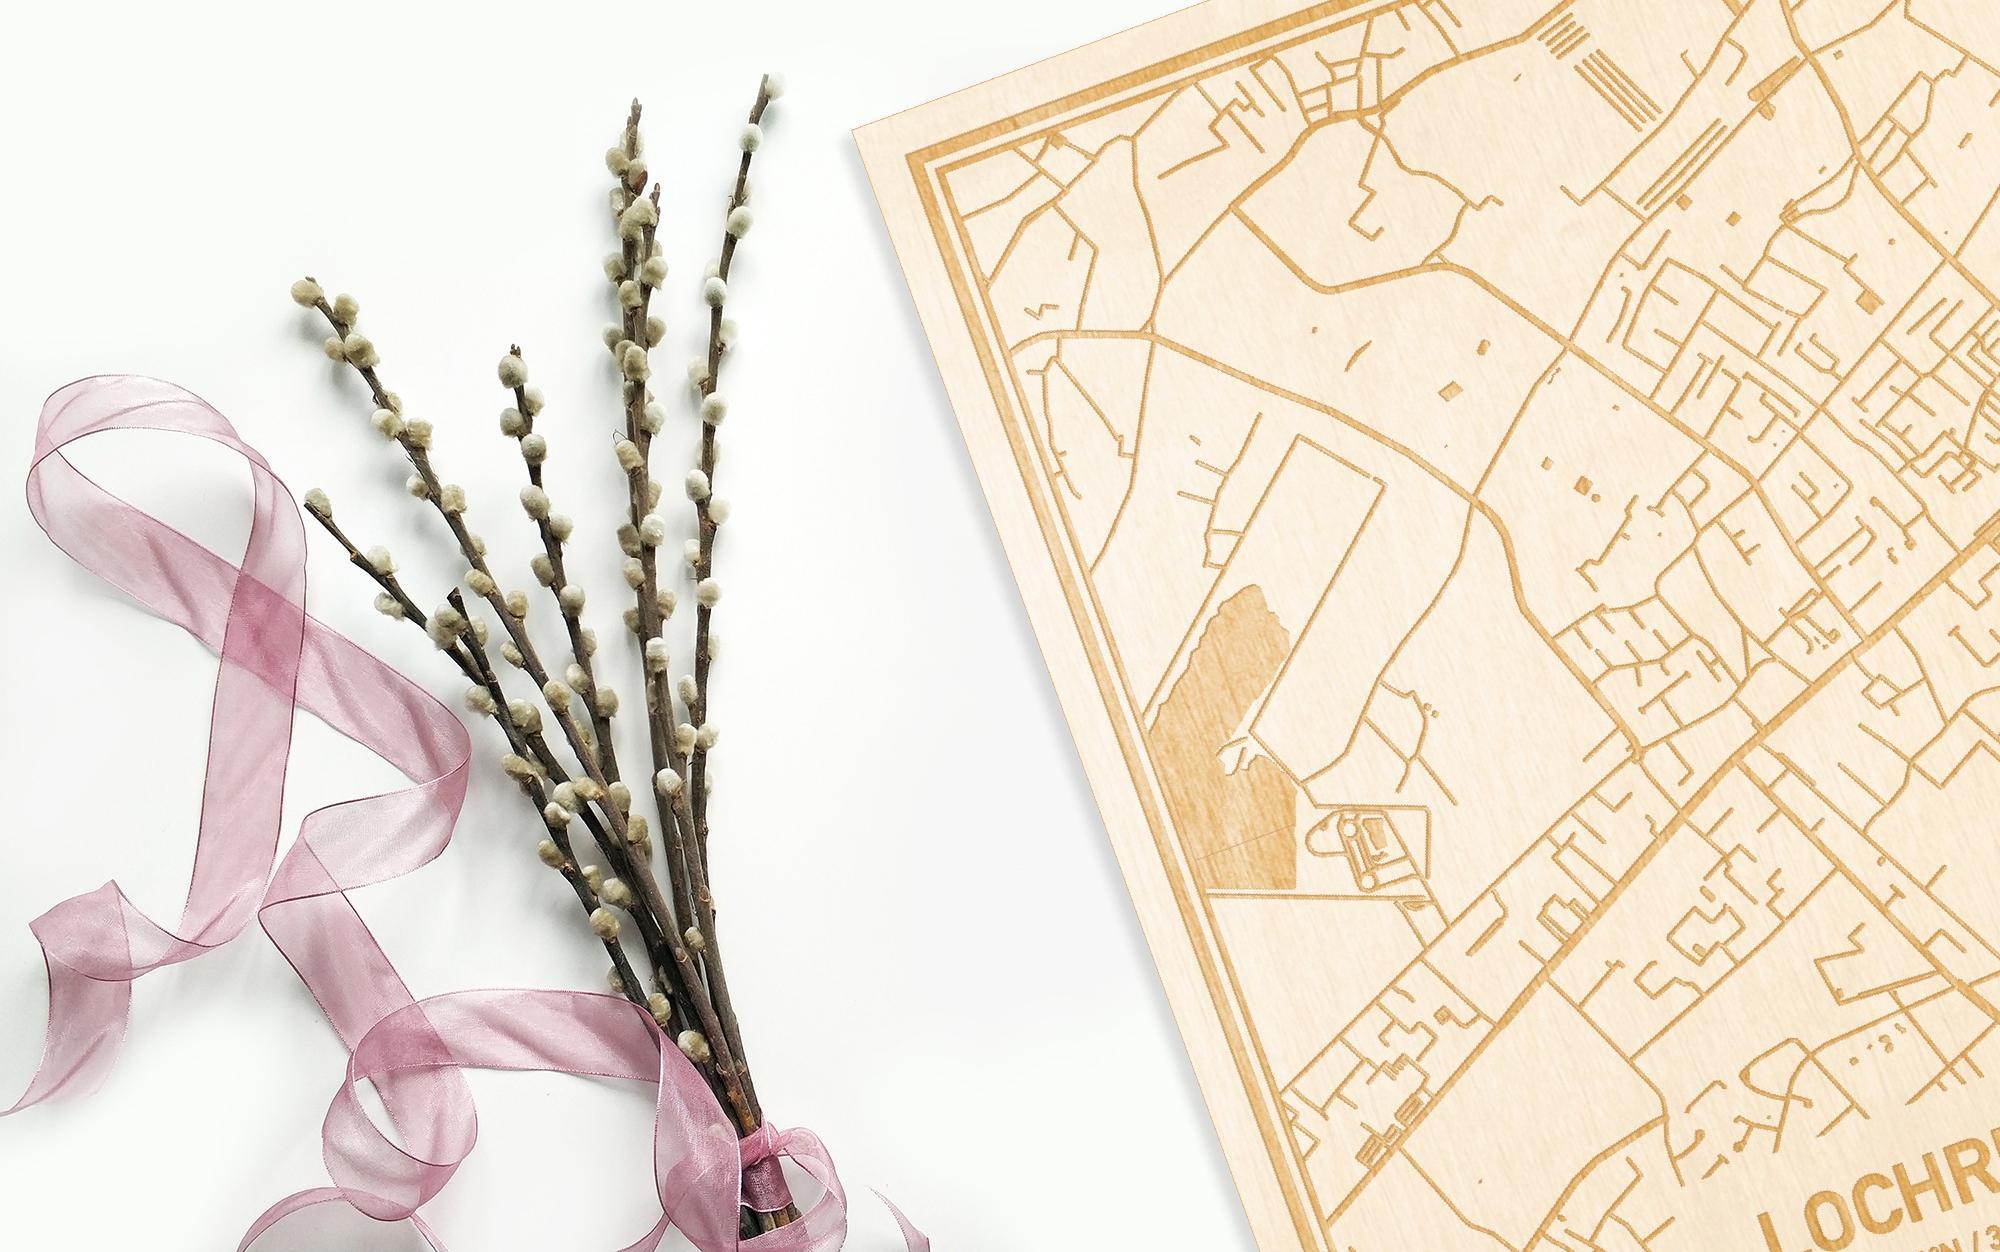 Hier ligt de houten plattegrond Lochristi naast een bloemetje als gepersonaliseerd cadeau voor haar.